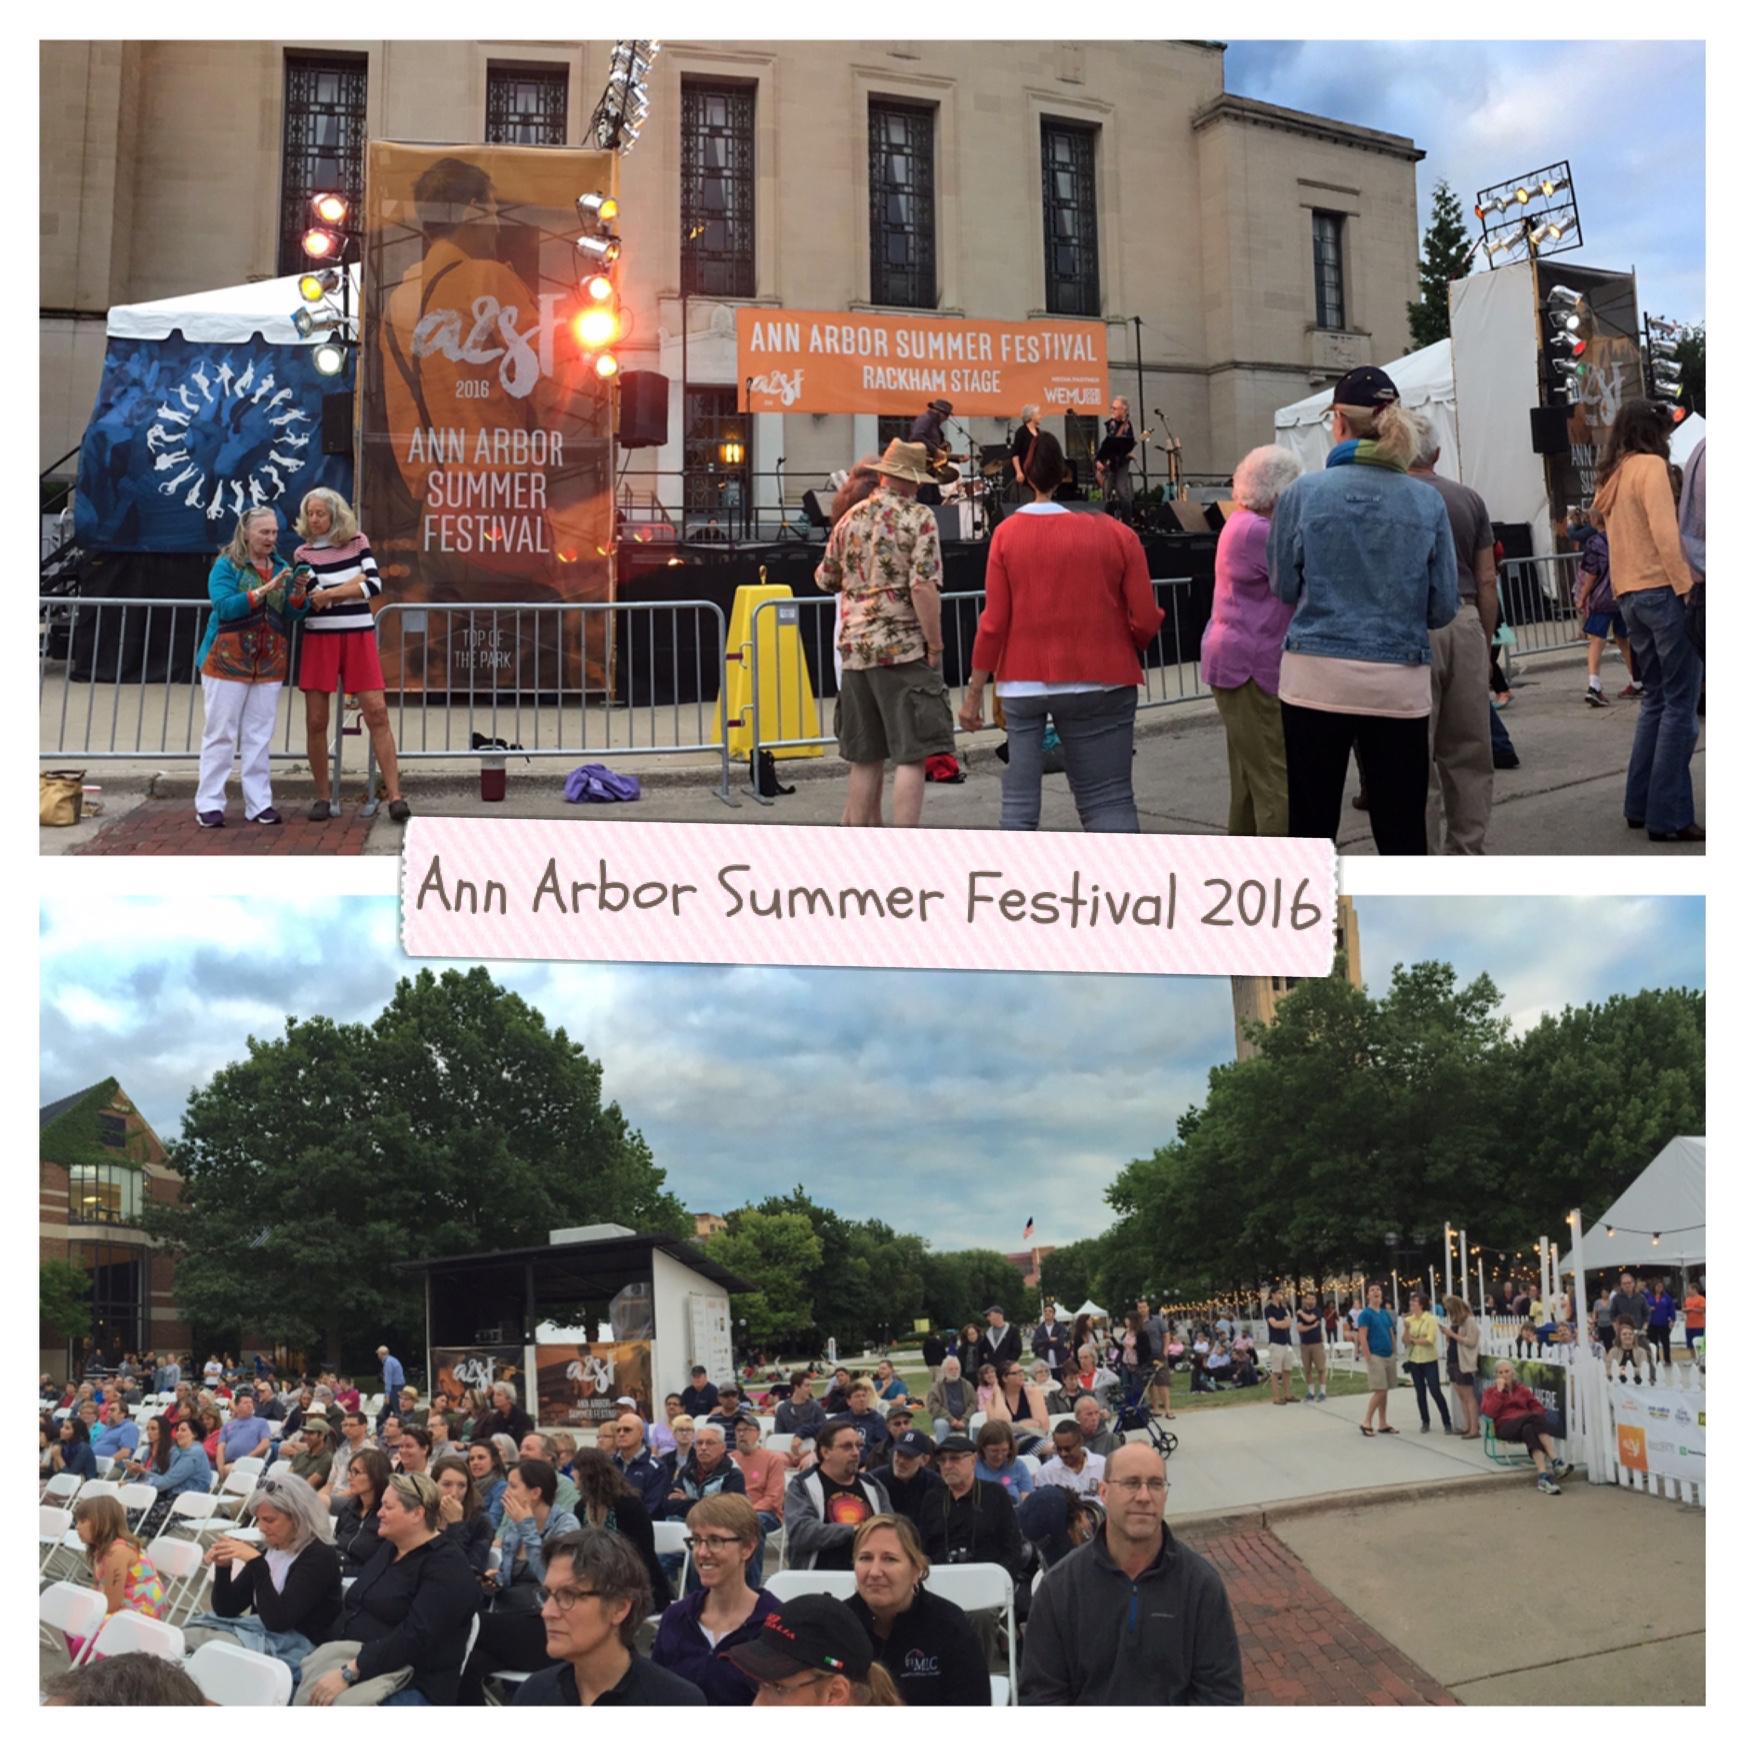 Ann Arbor Summer Festival 2016